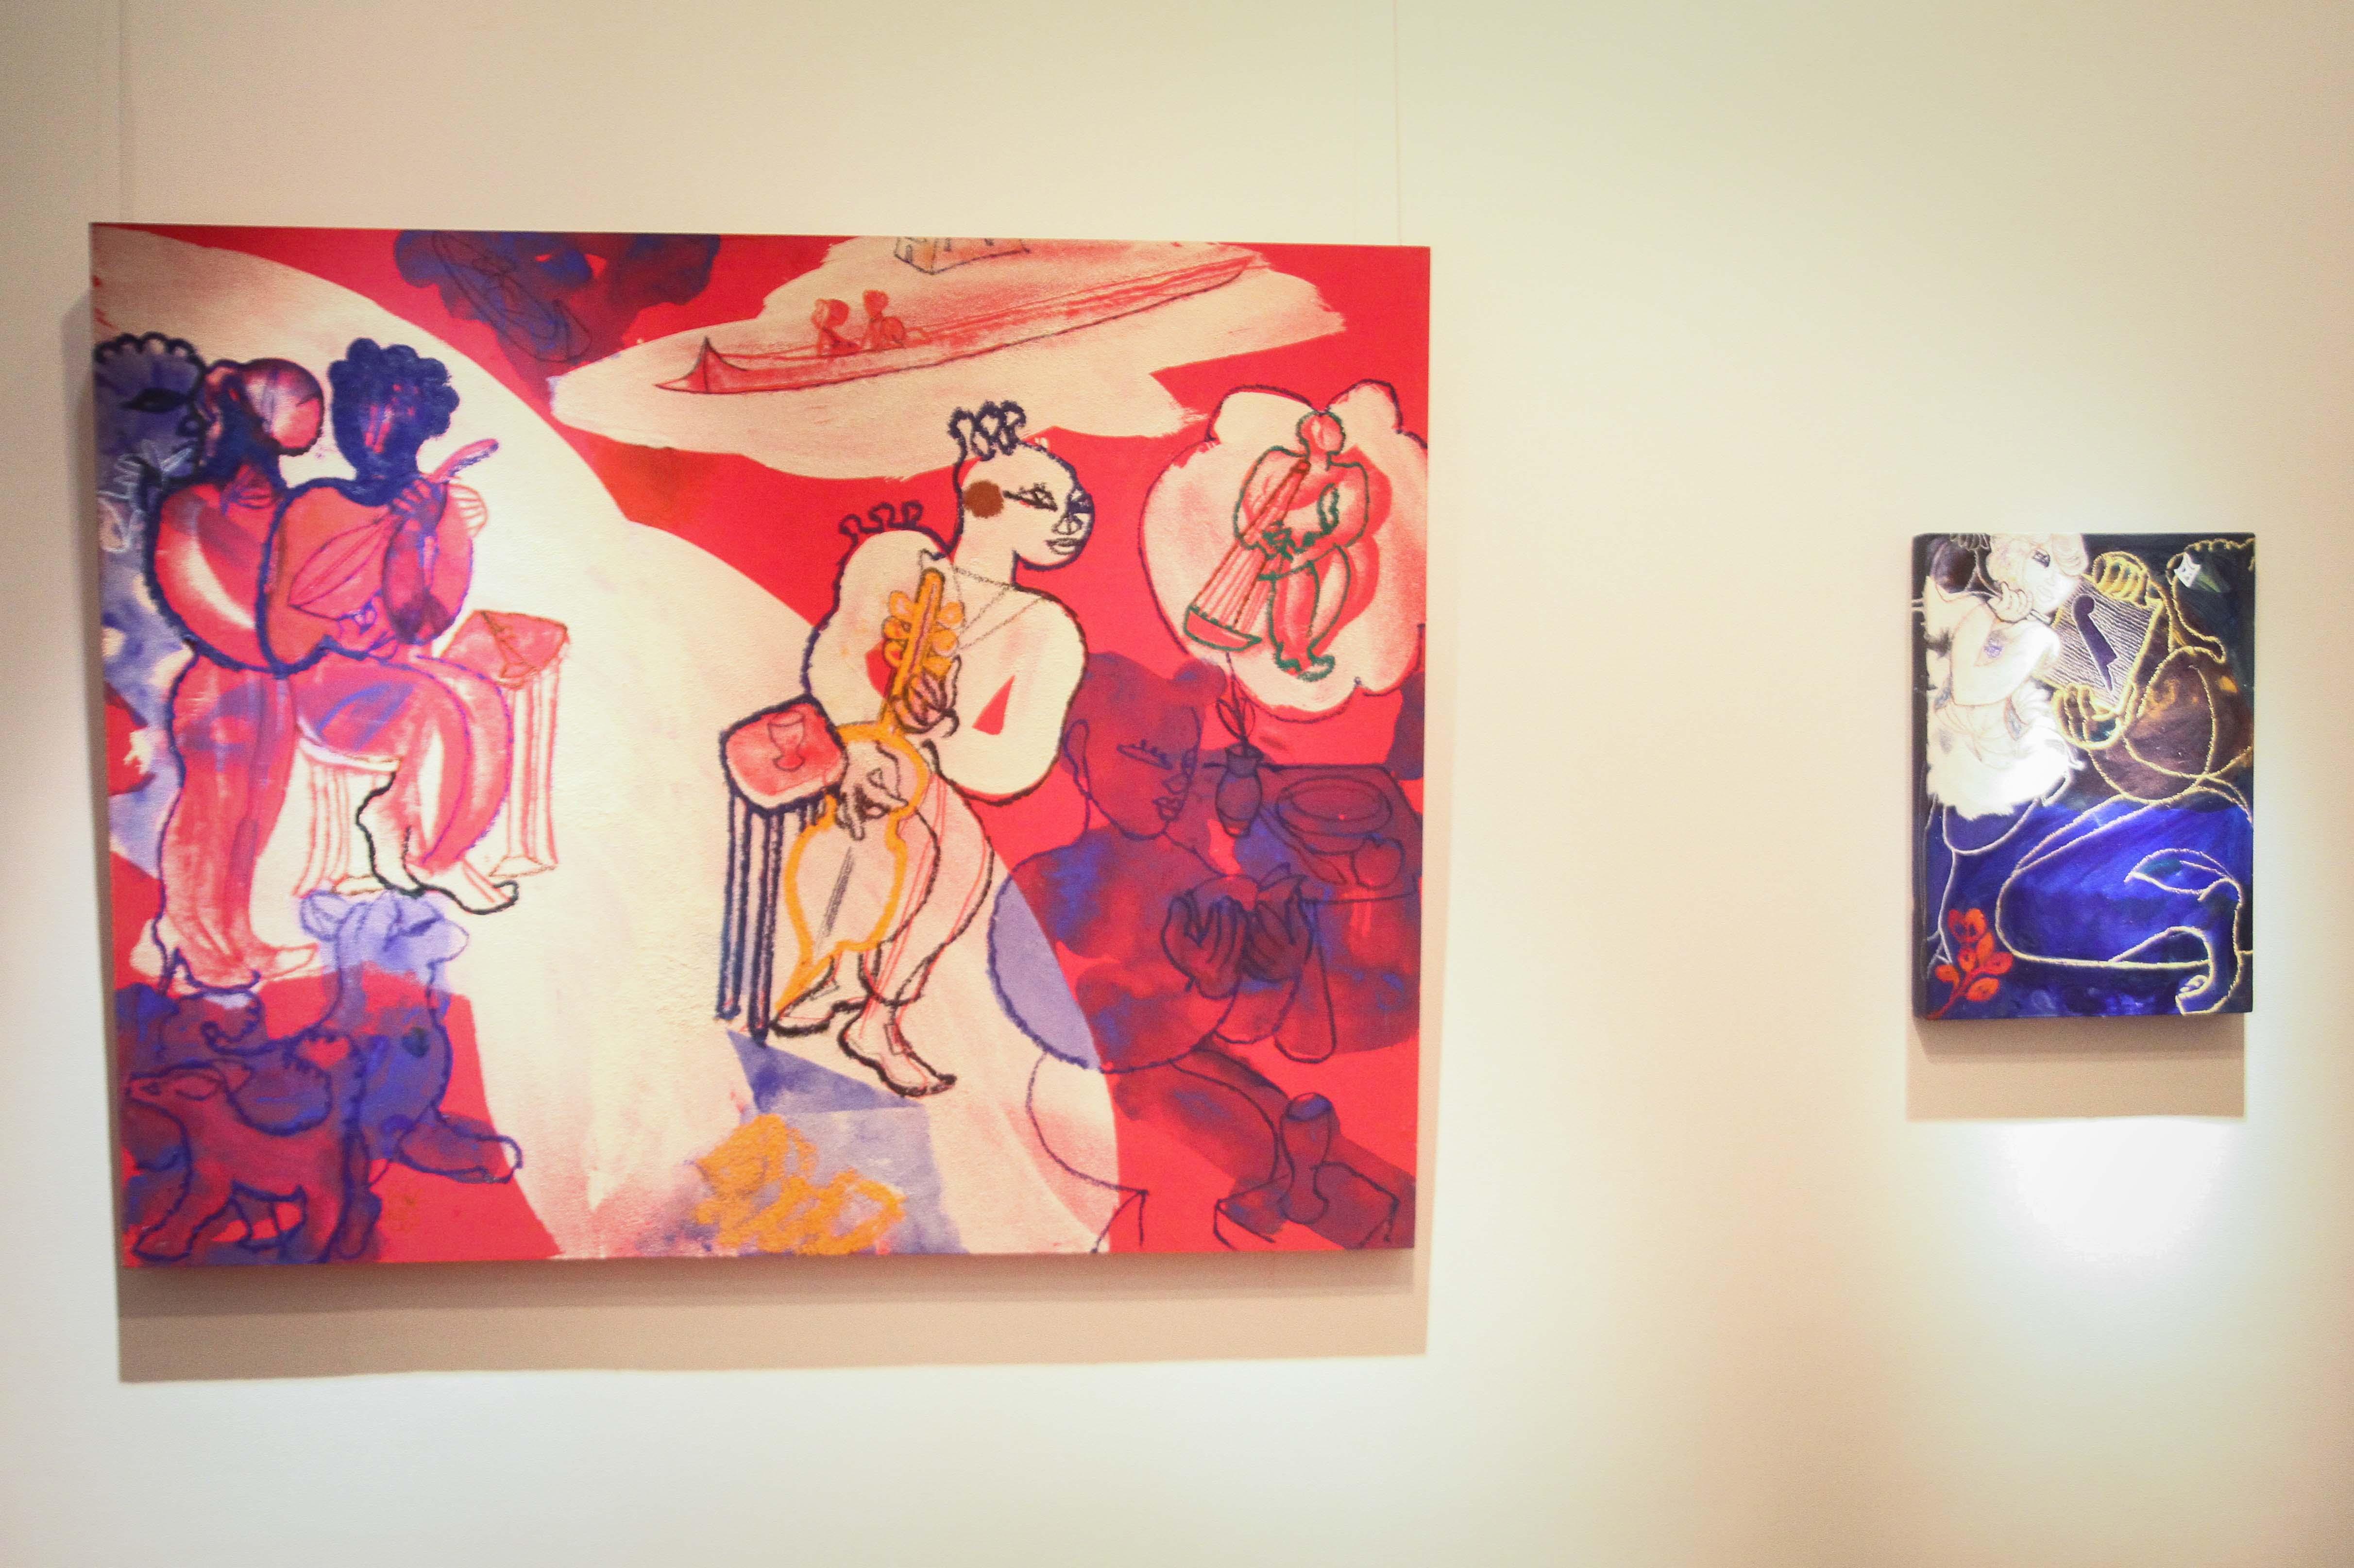 معرض مصر ستعاود العطاء للفنان فرغى عبد الحفيظ (6)